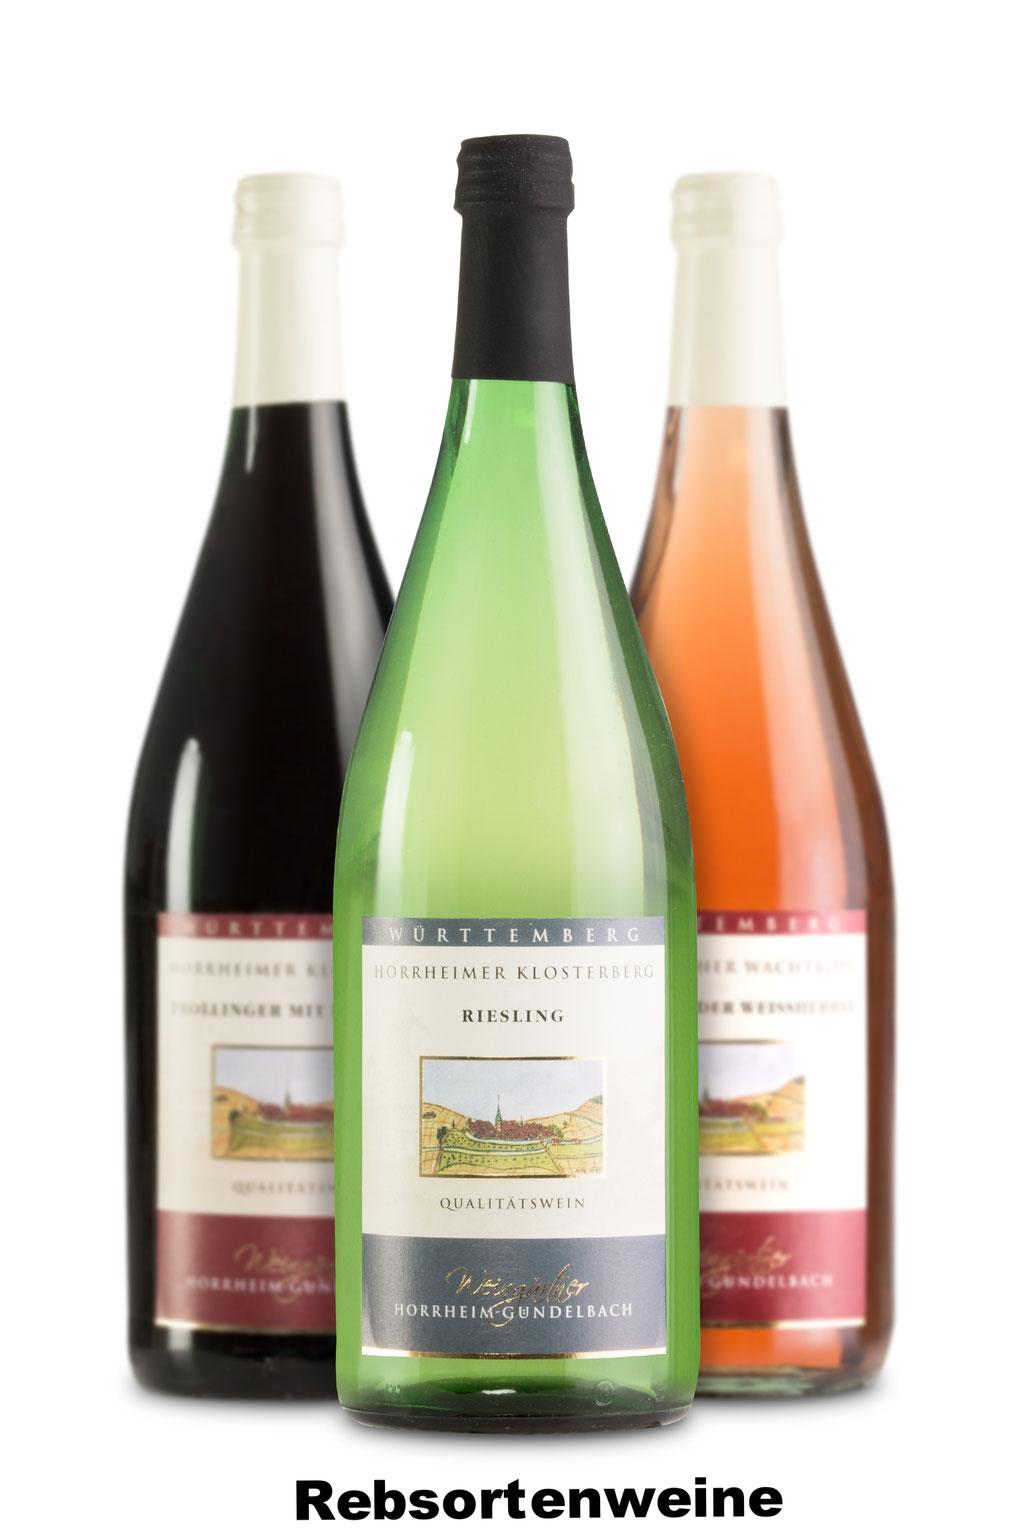 Rebsortenweine, Weingärtner Horrheim-Gündelbach